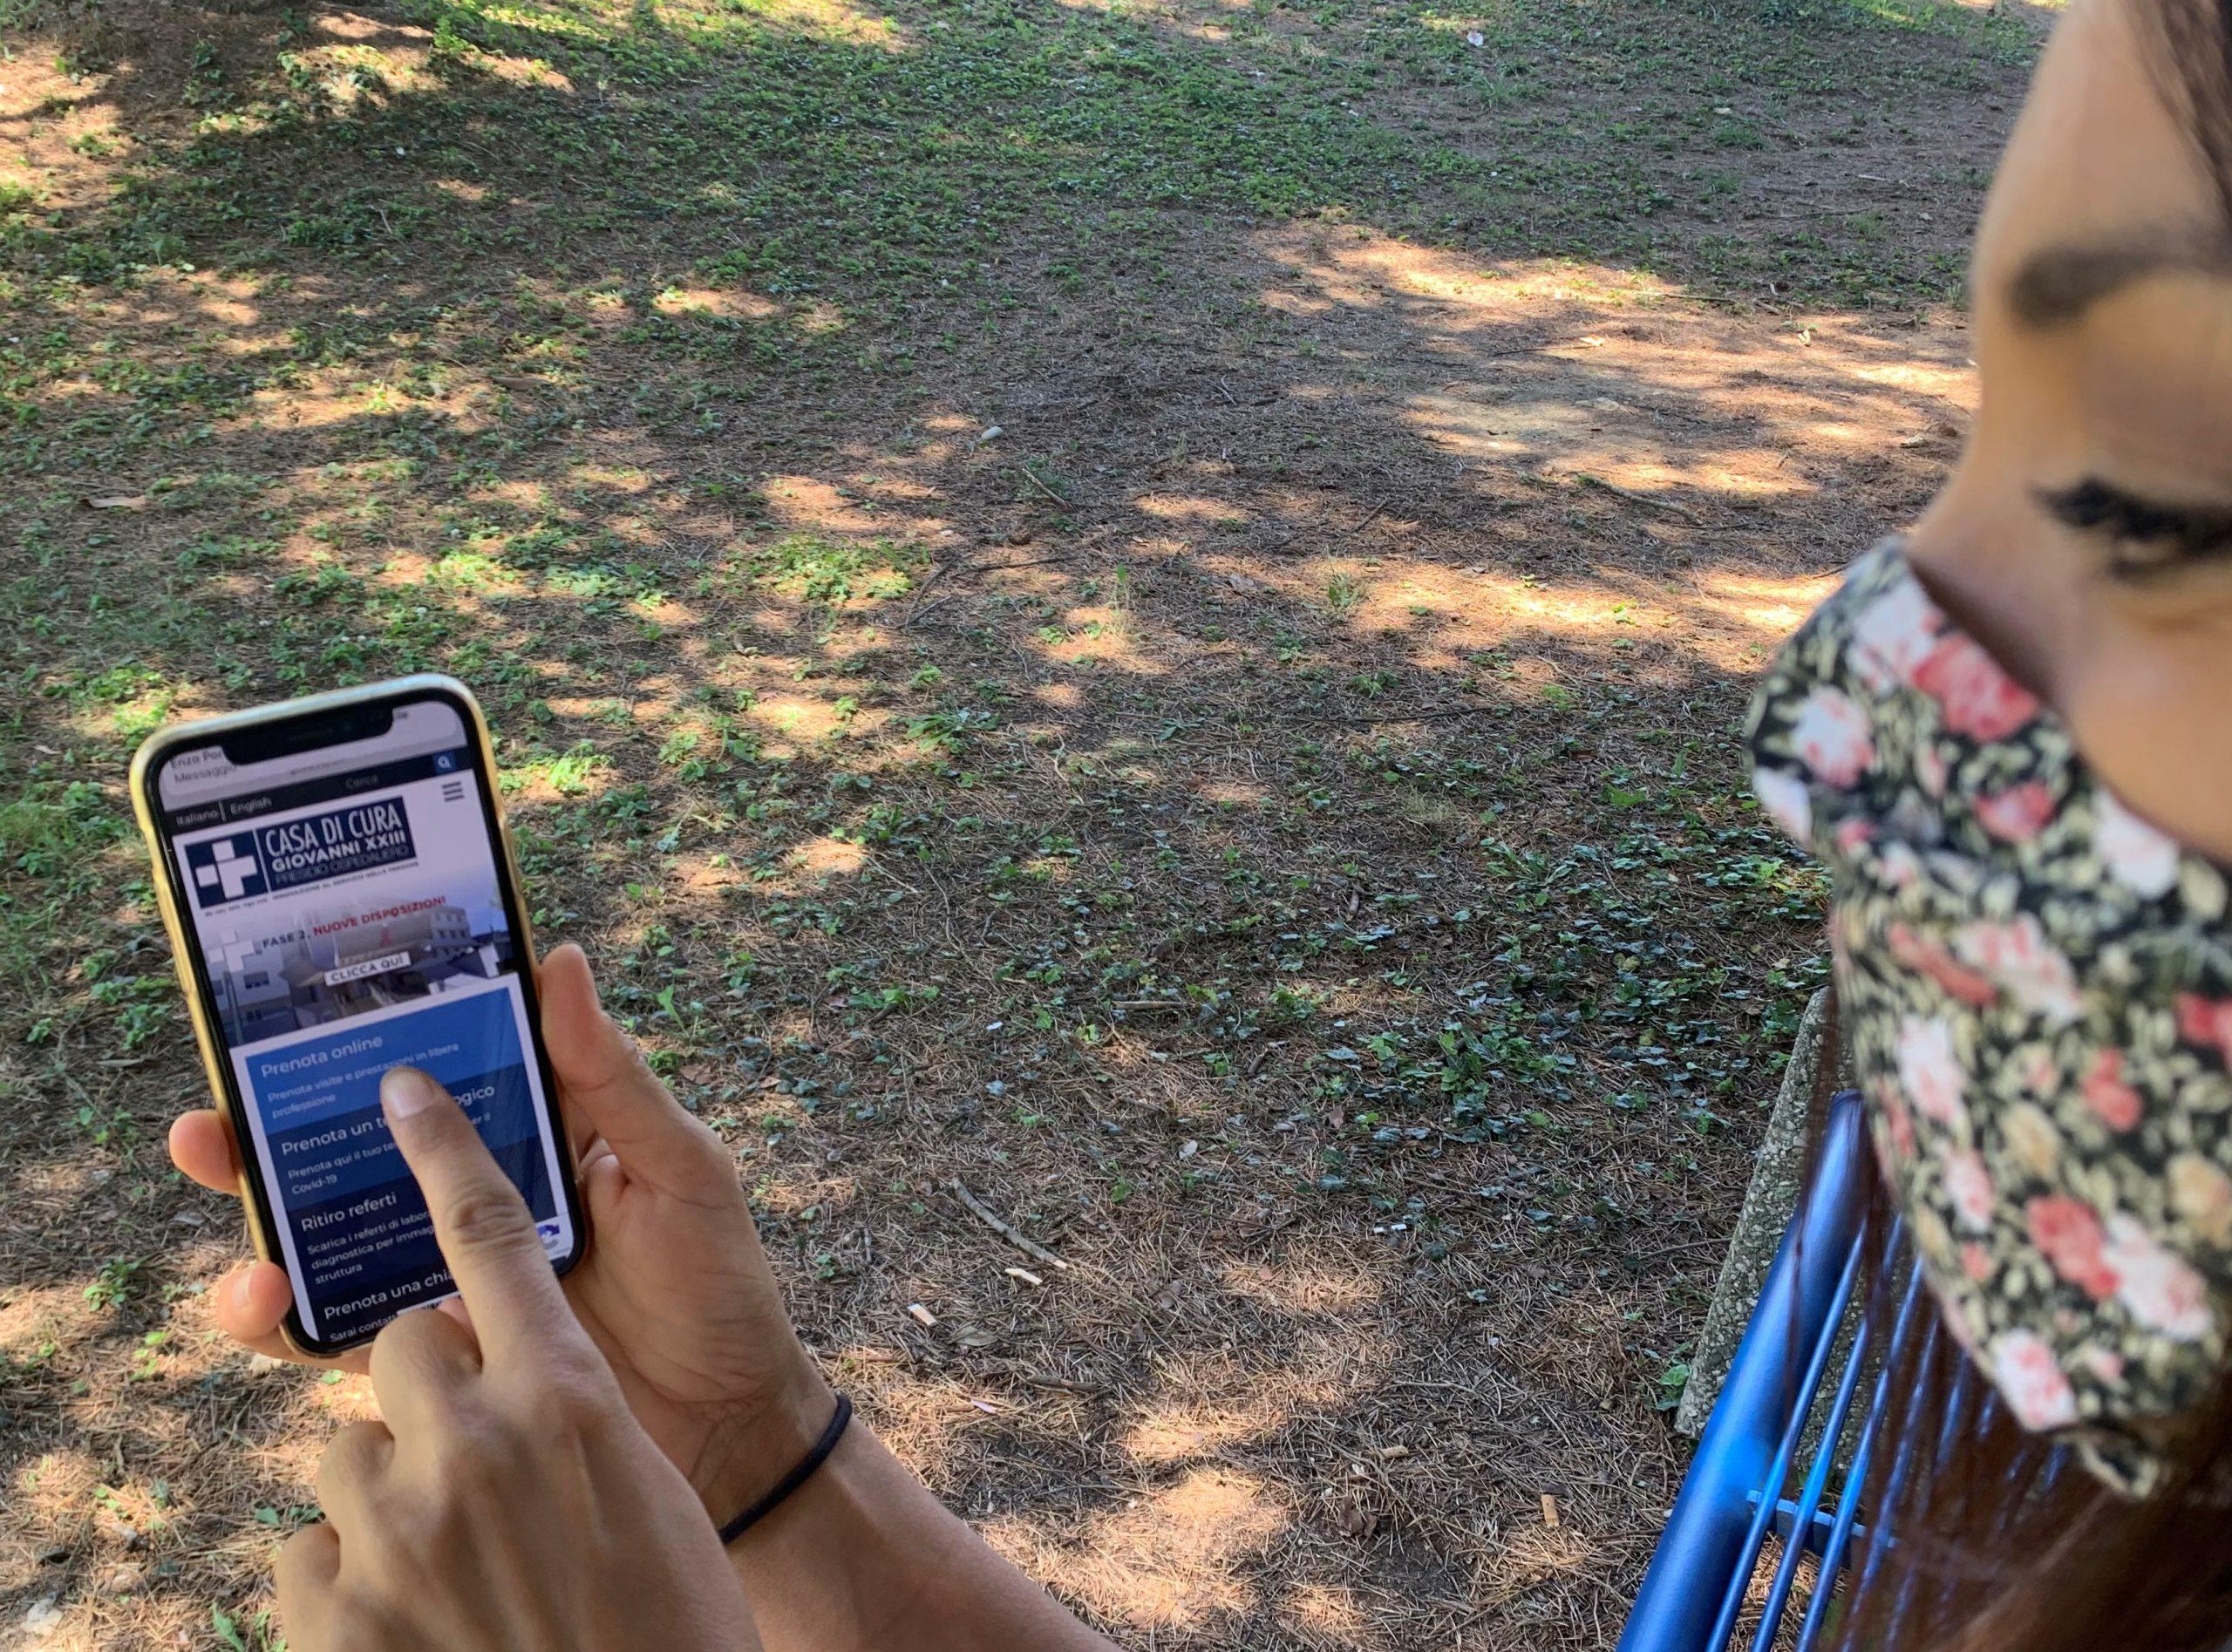 Prenotazione visite ed esami da smartphone